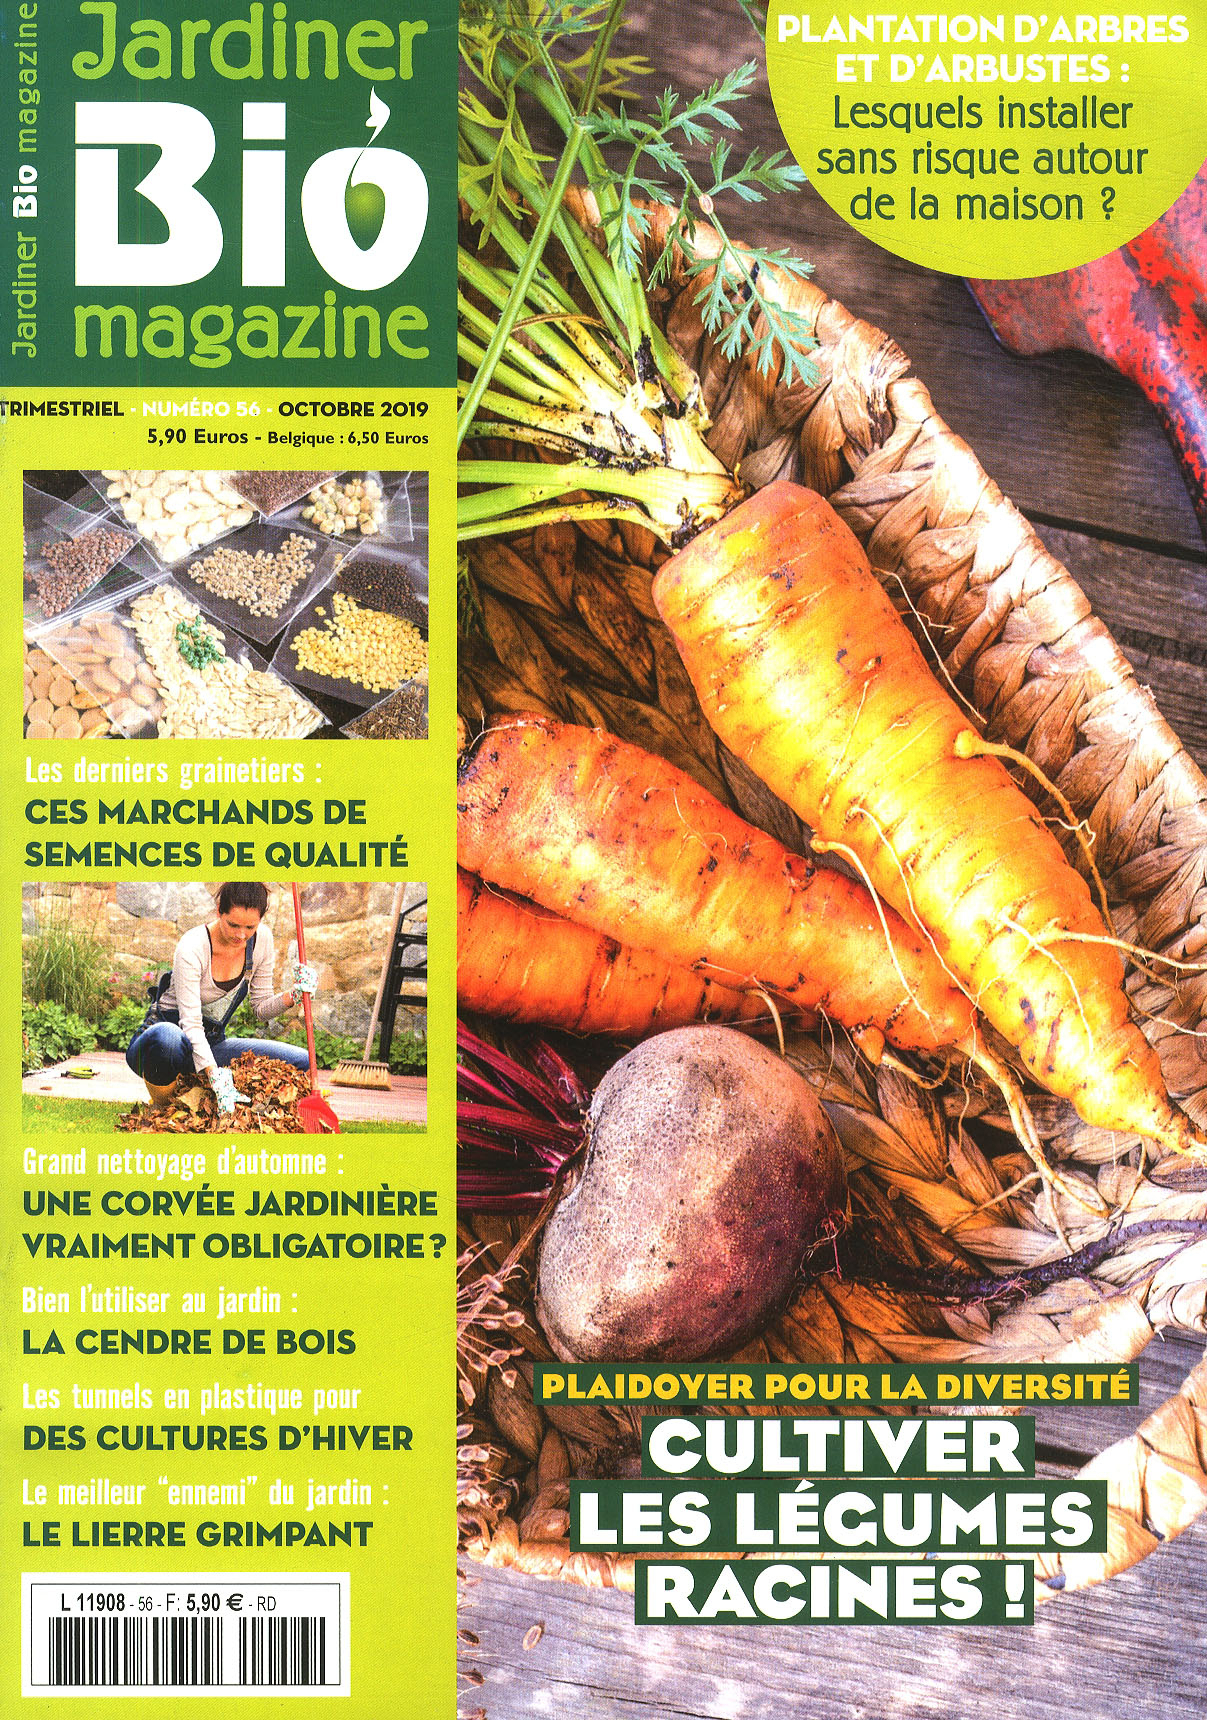 Fiche Produit - Catalogue Produits Mlp serapportantà Jardiner Bio Magazine